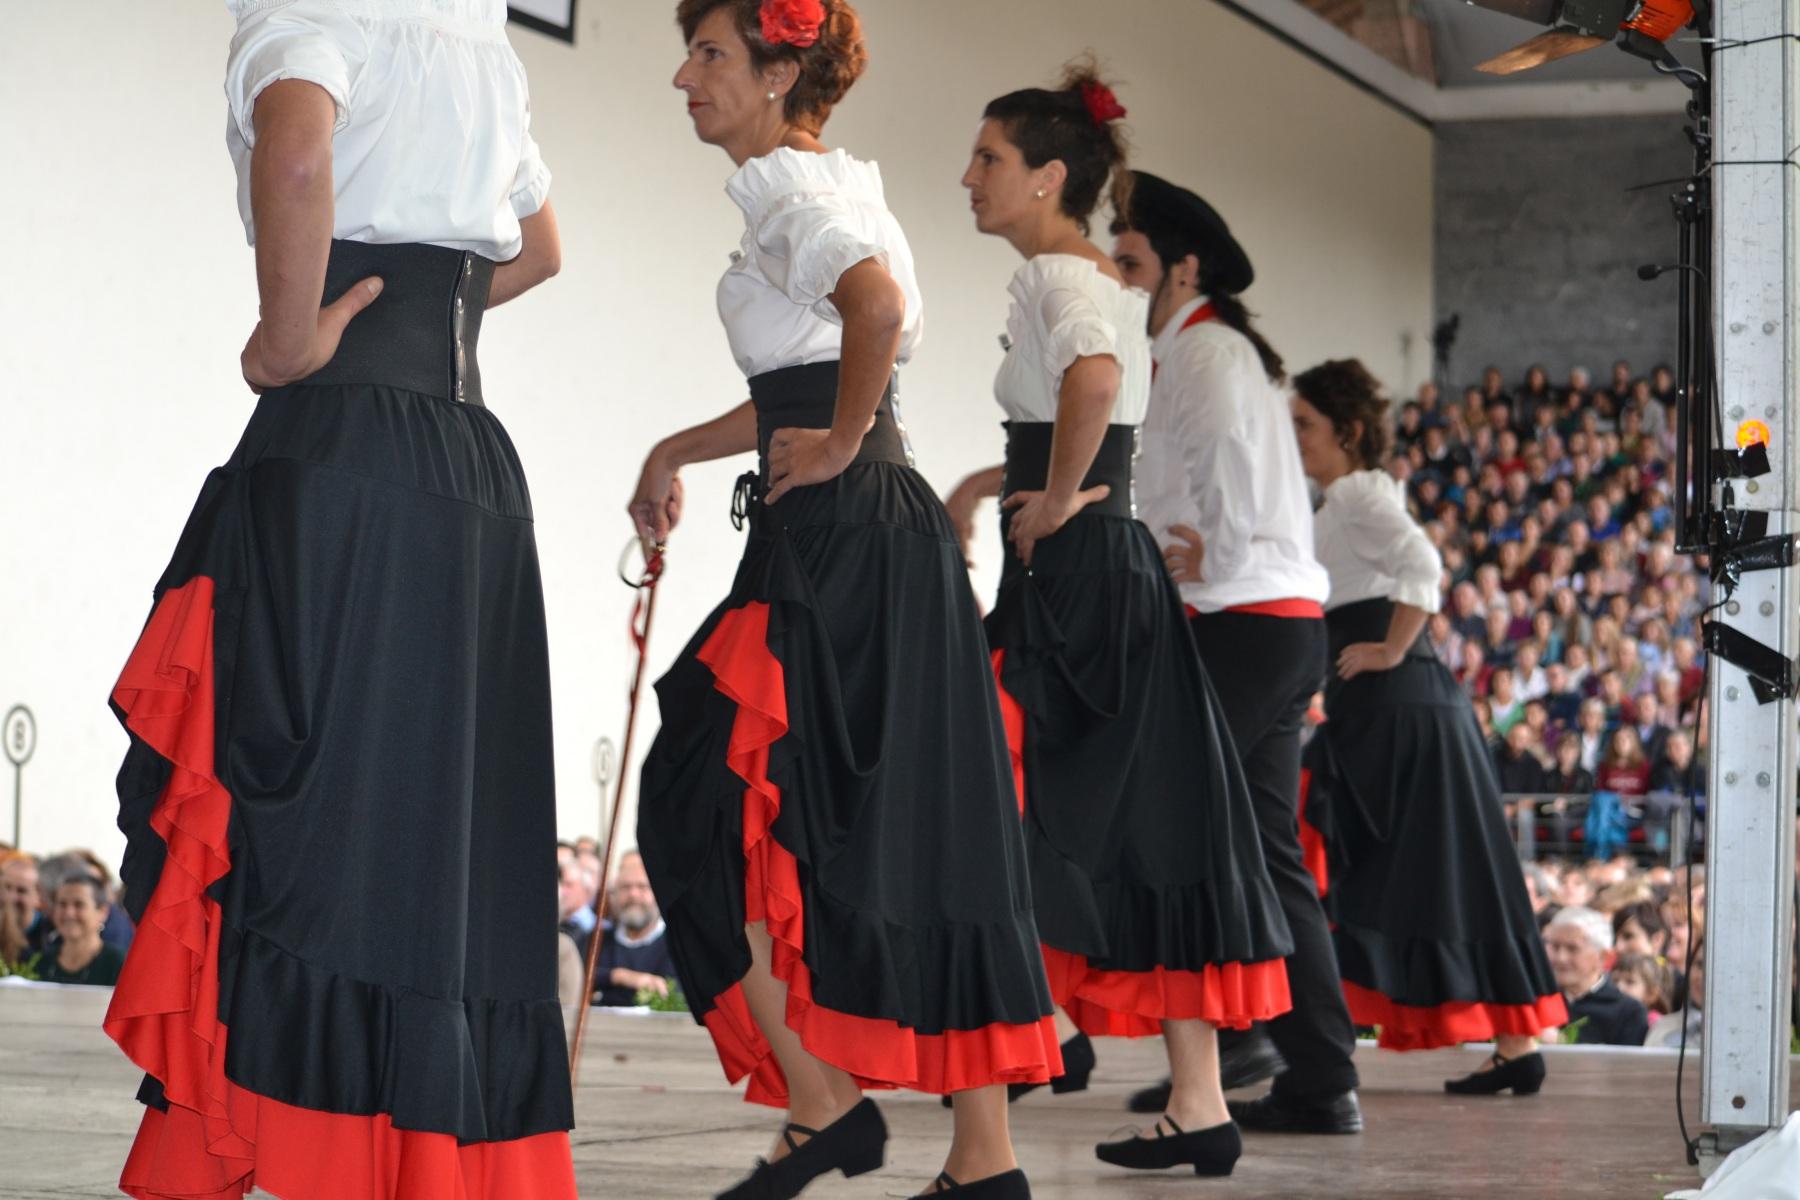 Karmen-Etxalarkoa-Pastorala-Irailak-17-igandea-254